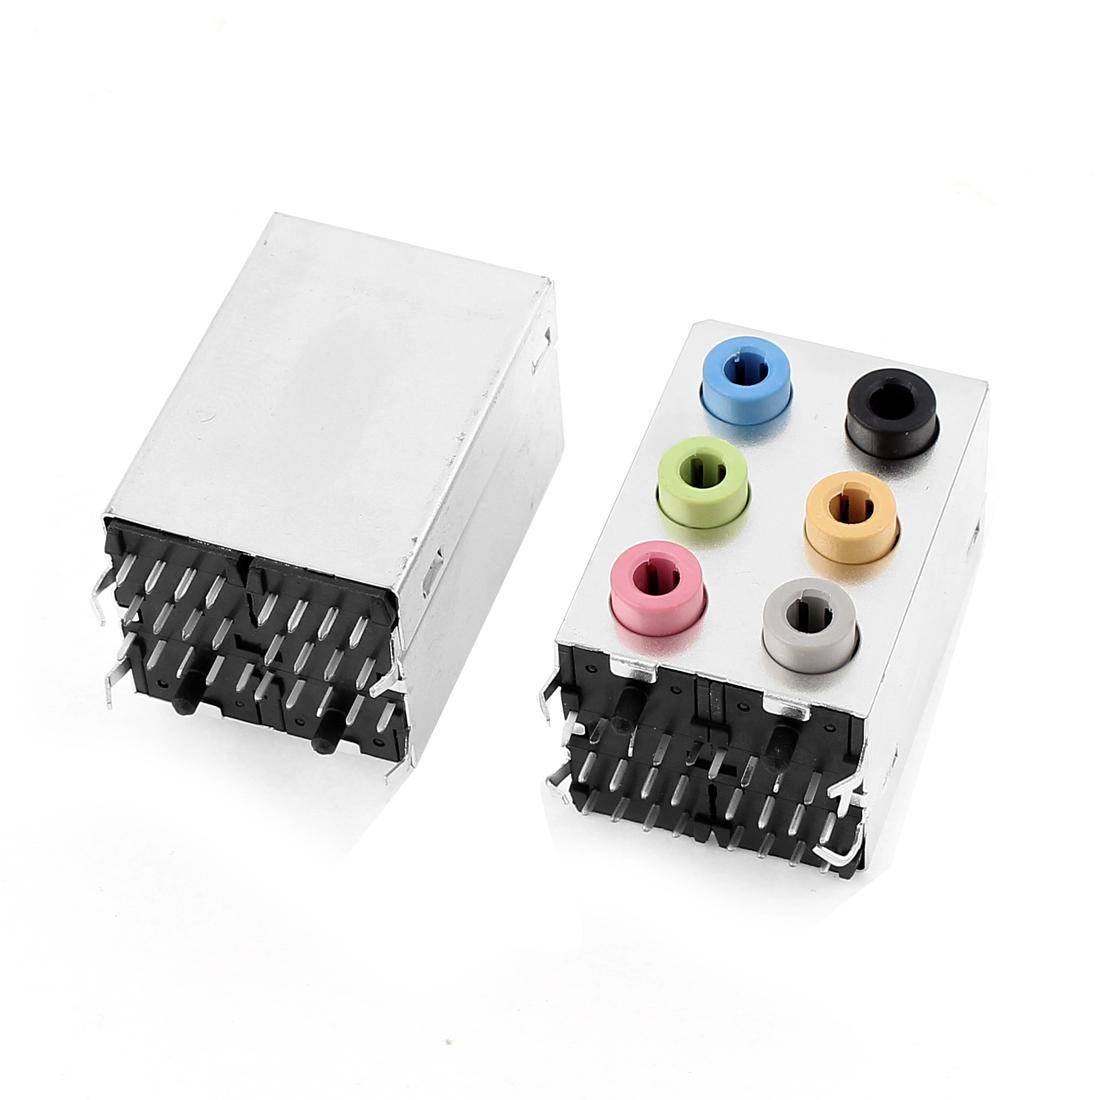 PCB Six Ports 3.5mm Stereo Jack Socket Audio Headphone Earphone Connector 2Pcs